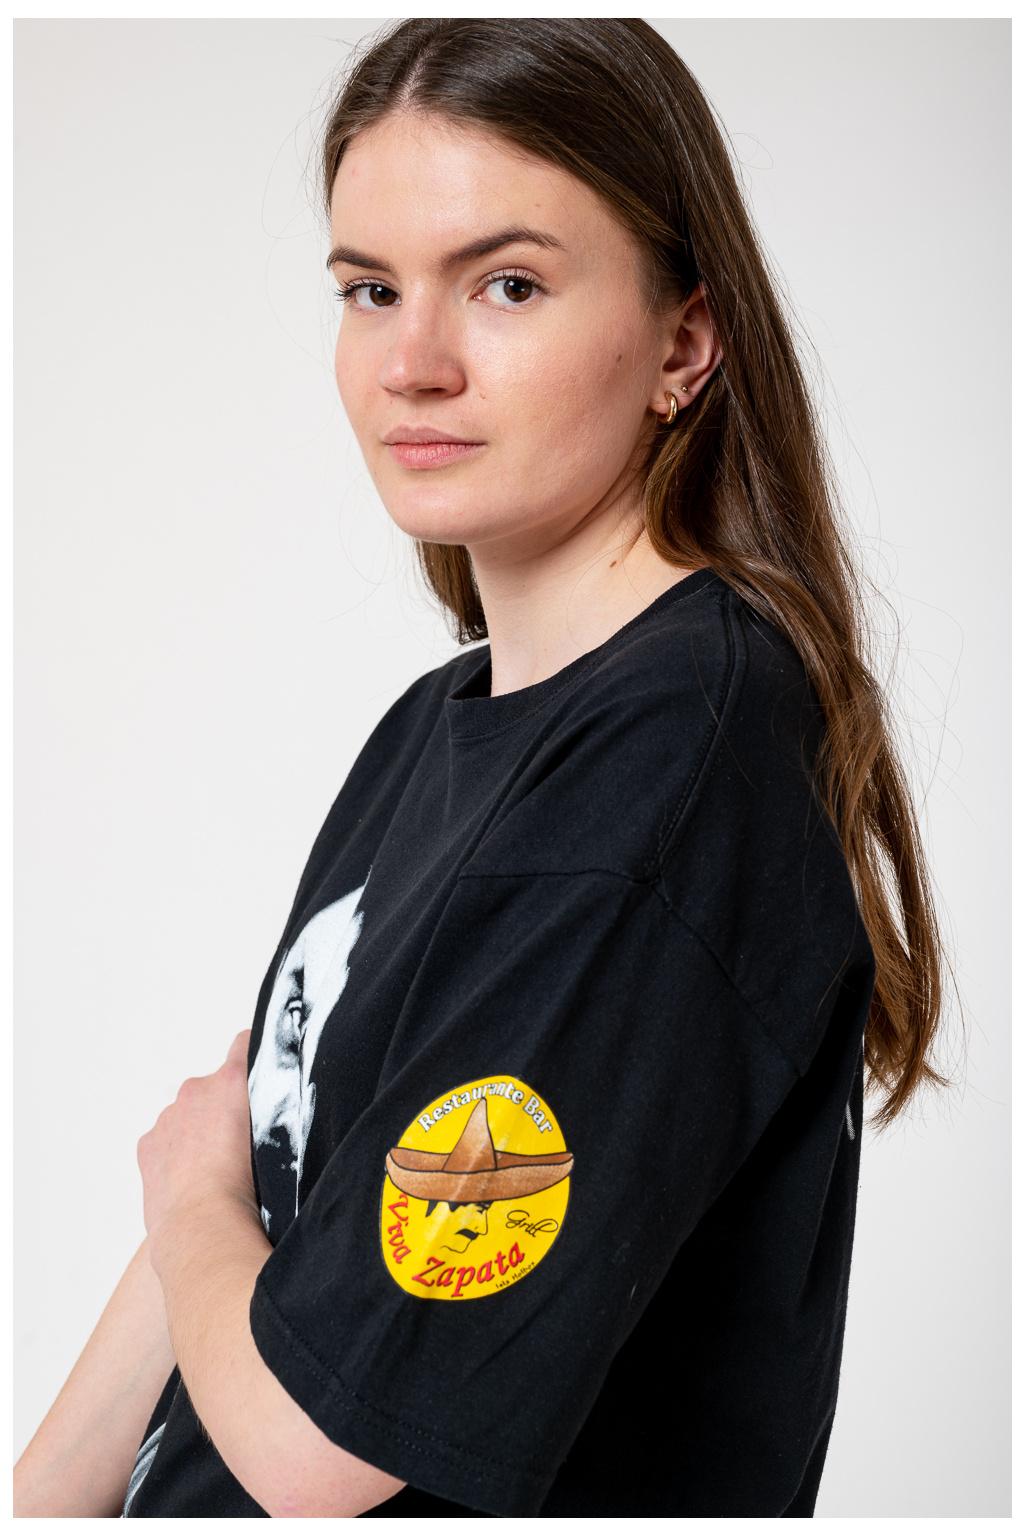 Magda 369